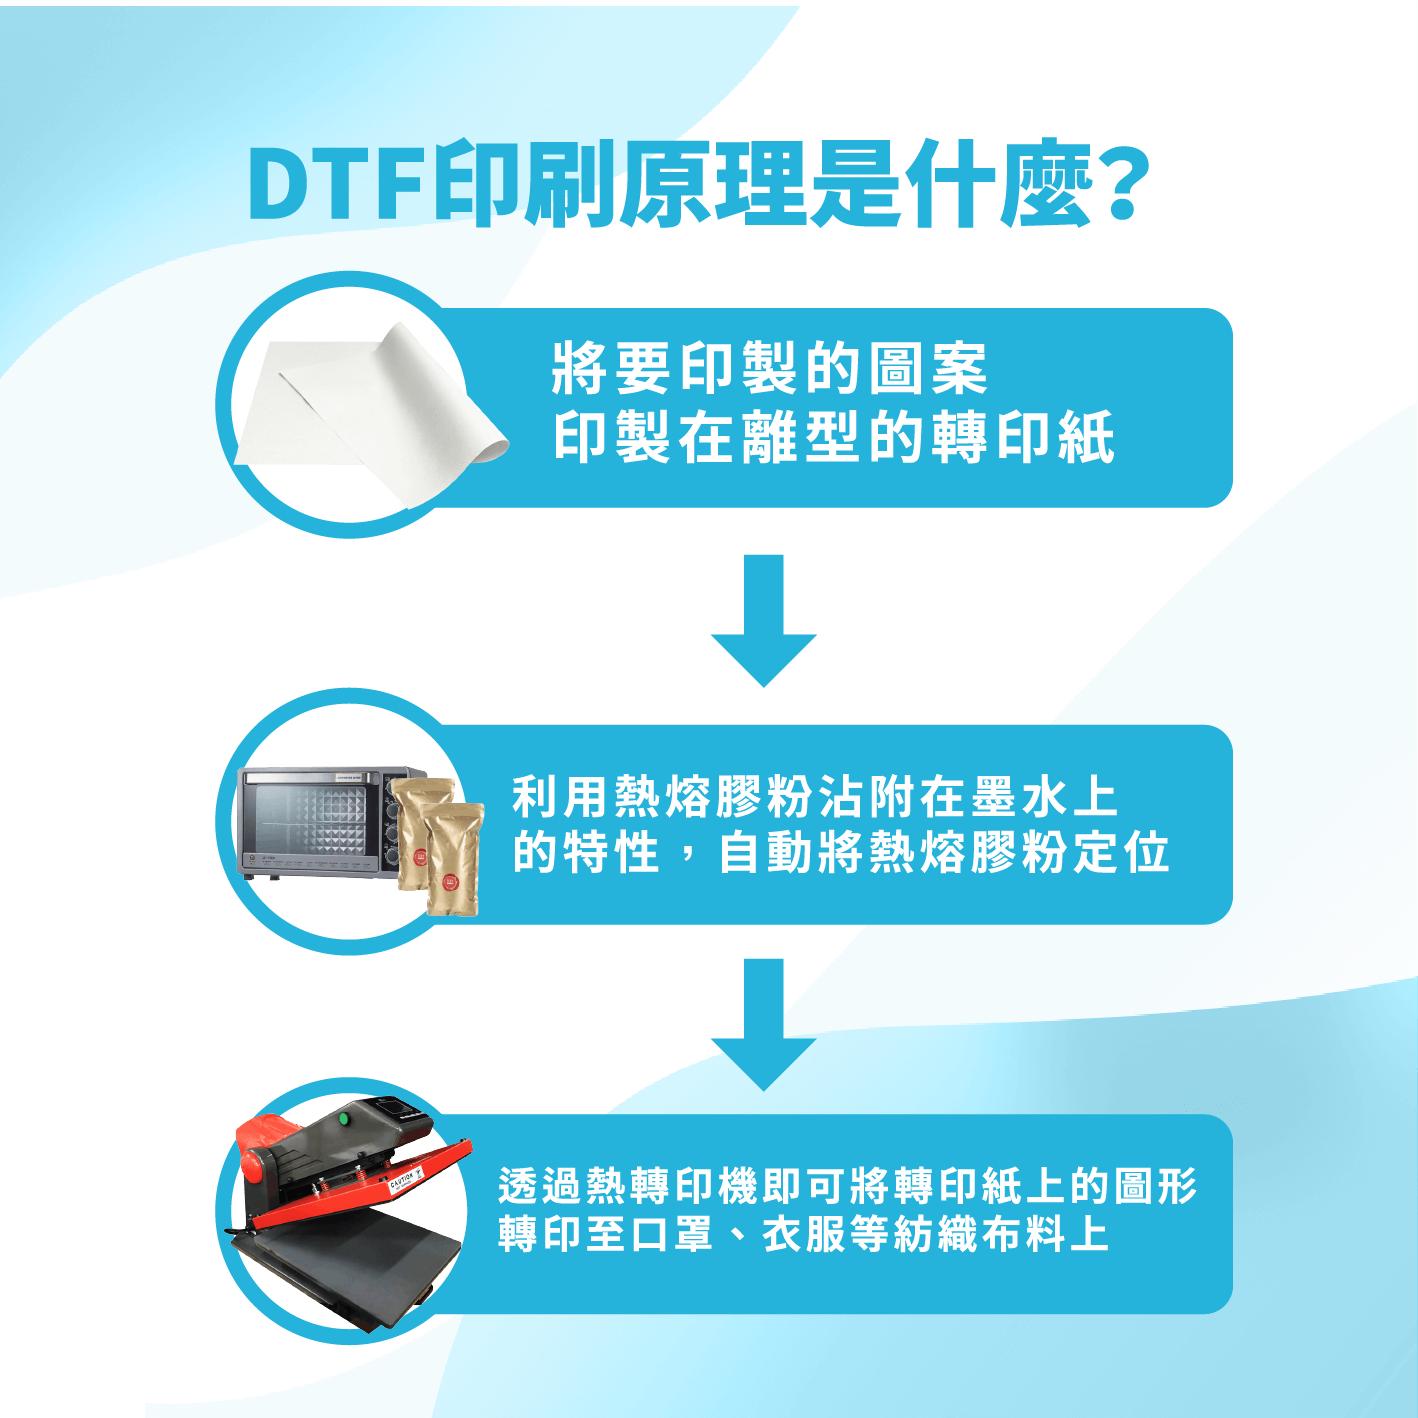 DTF印刷原理是什麼?